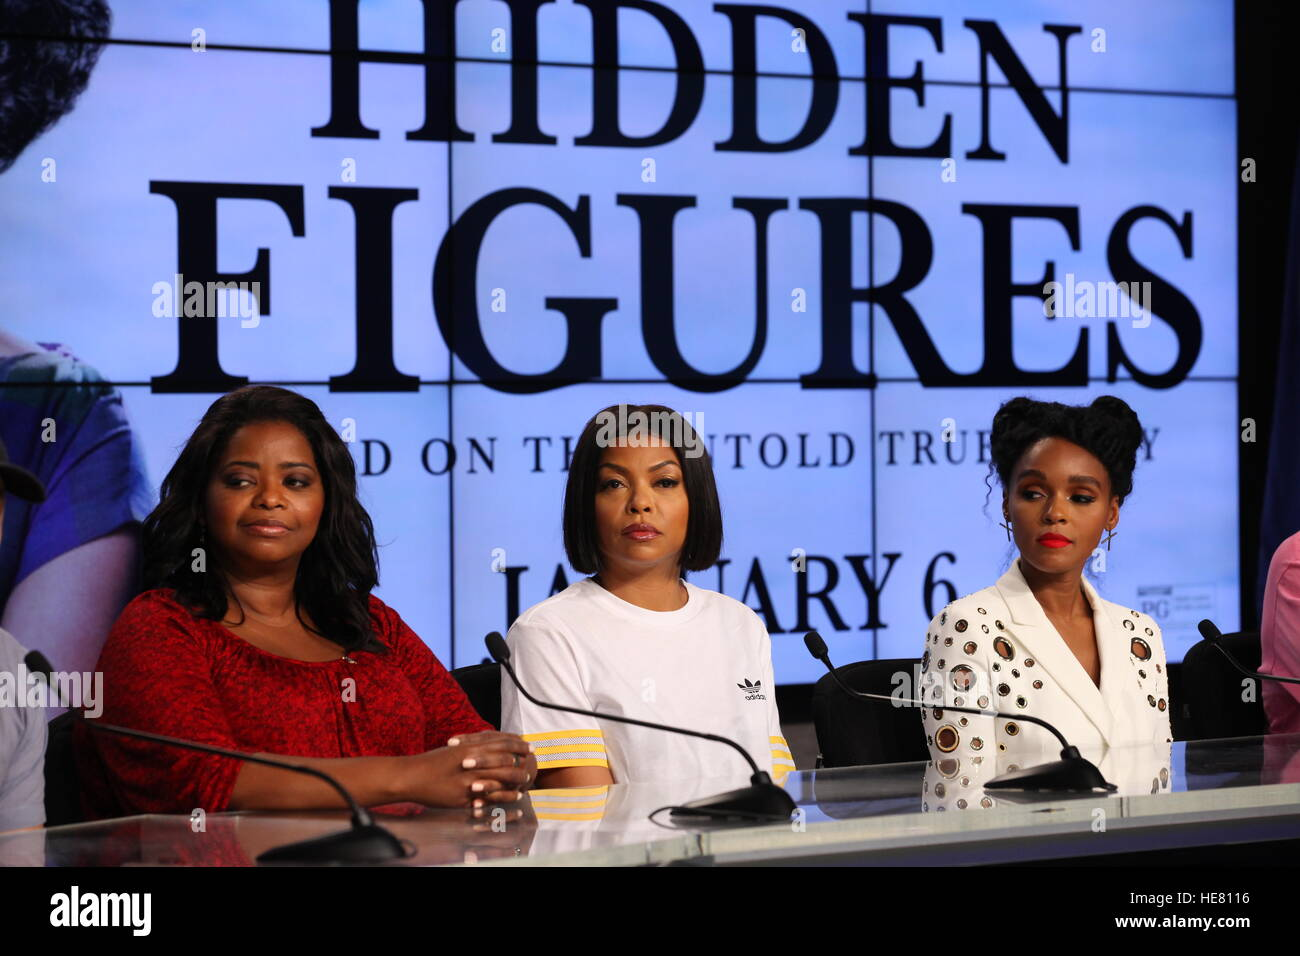 Les chiffres cachés actrices (L-R) Octavia Spencer, Taraji P. Henson, Janelle Monae et parler aux médias Photo Stock